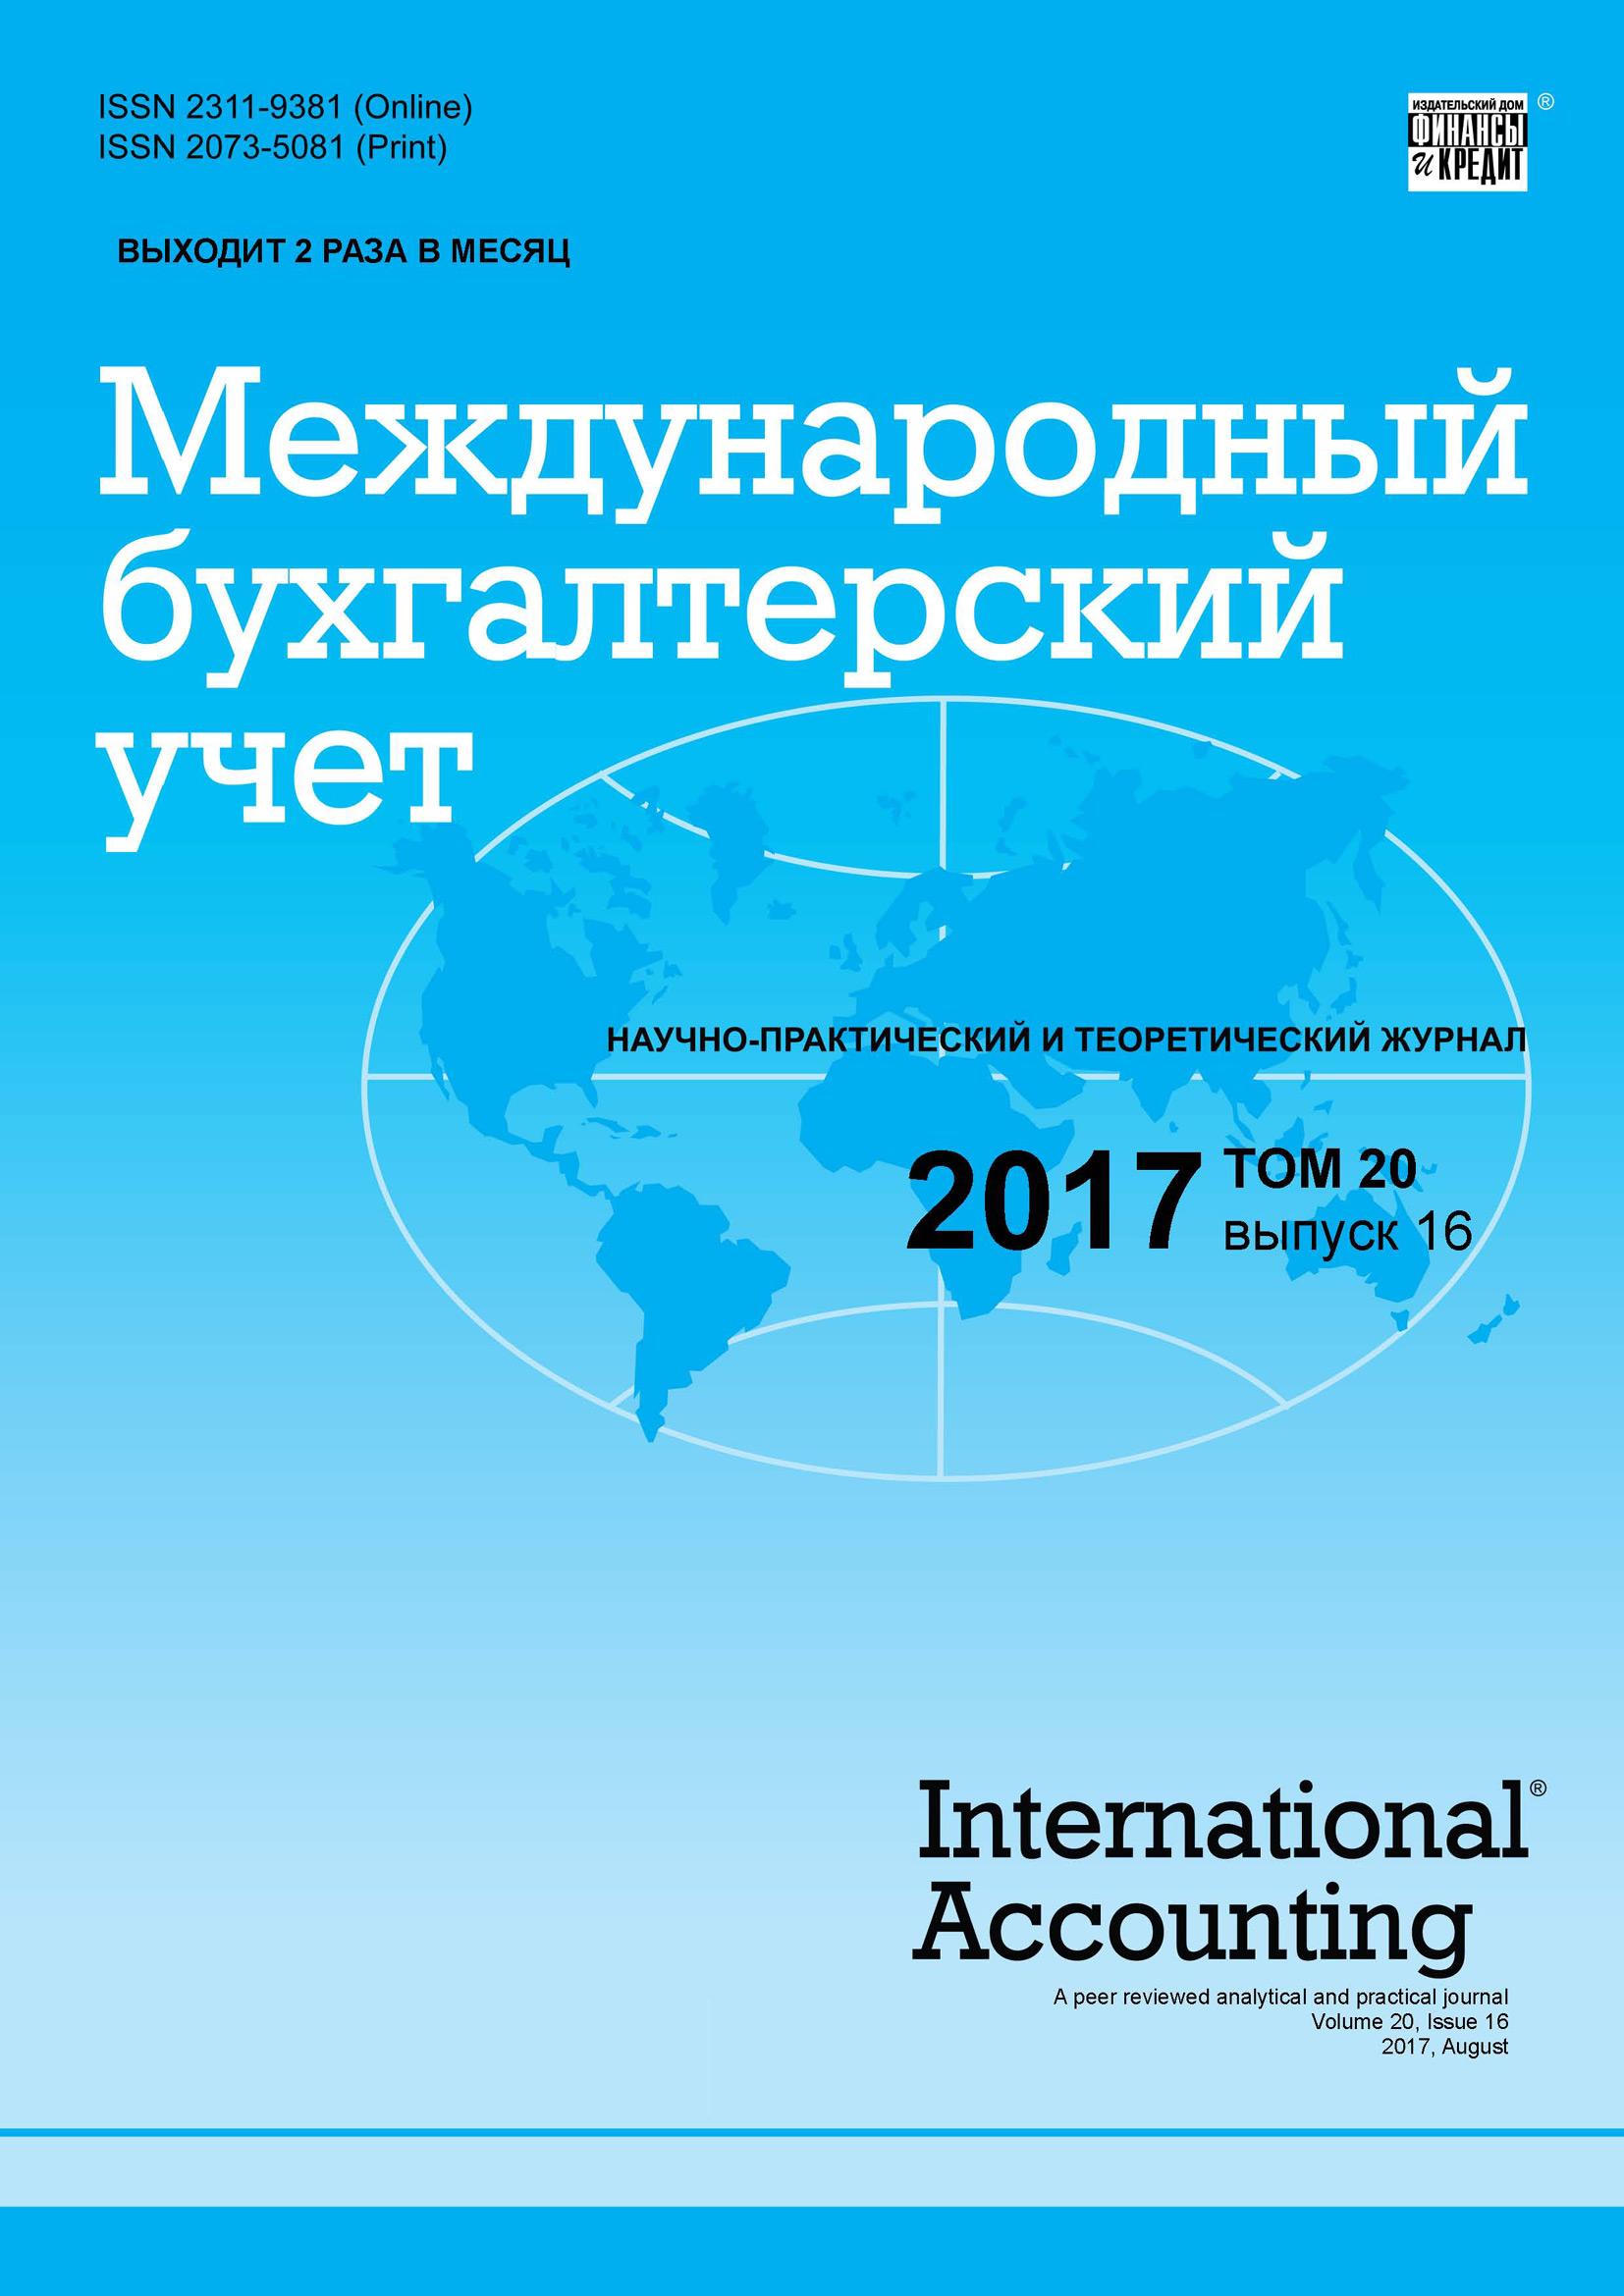 Международный бухгалтерский учет № 16 2017